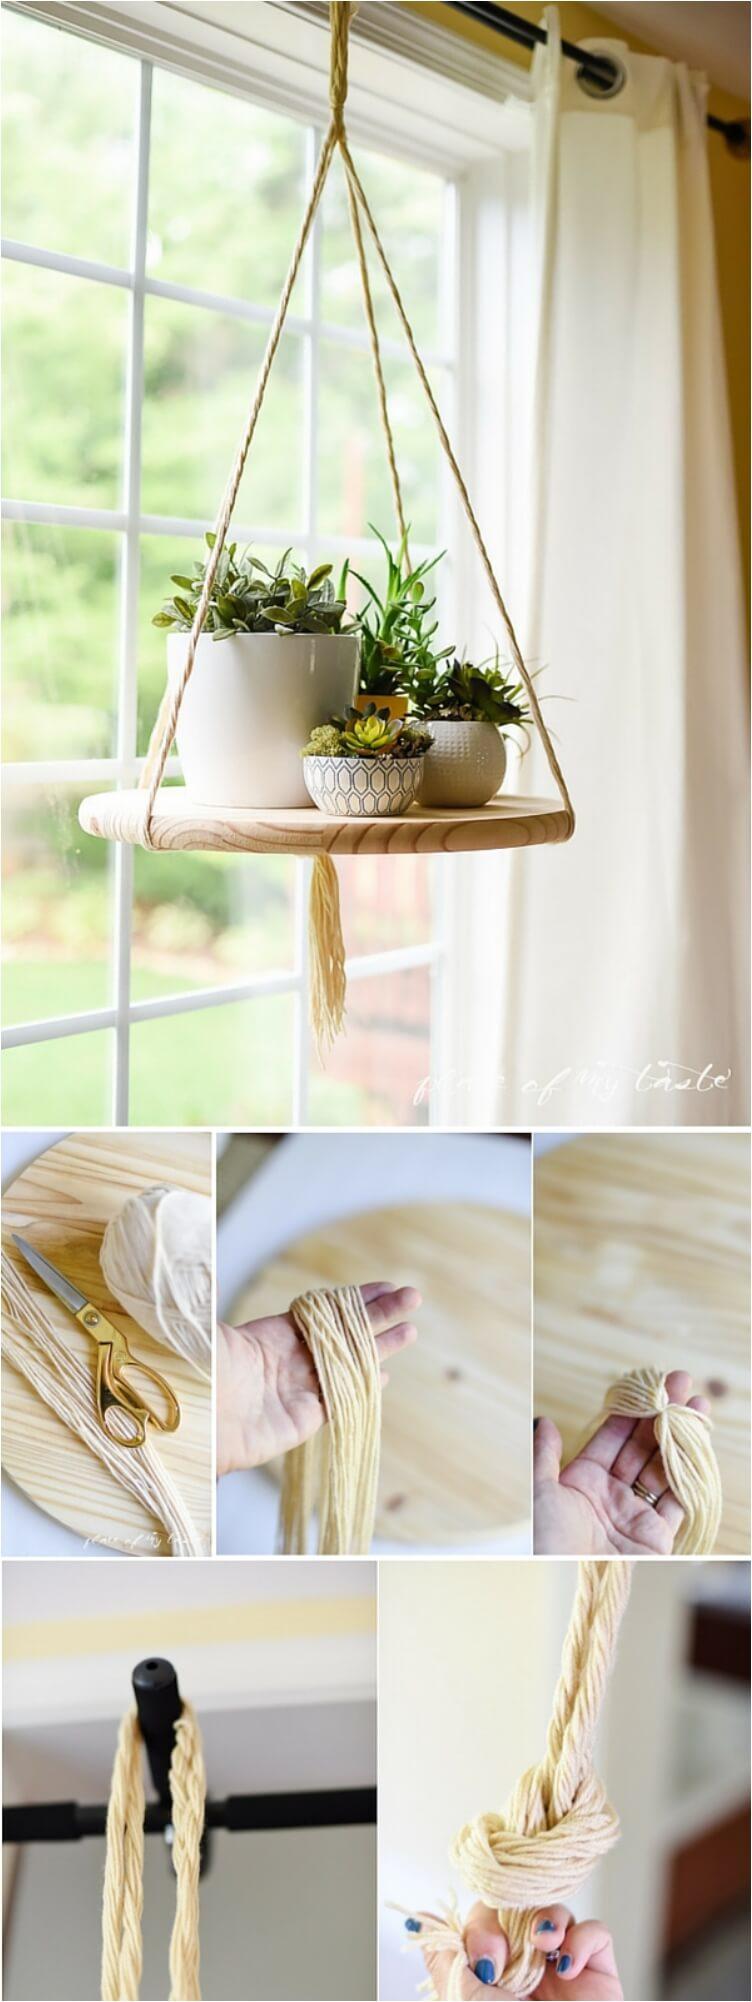 Une idée d'étagère suspendue en corde pour les plantes